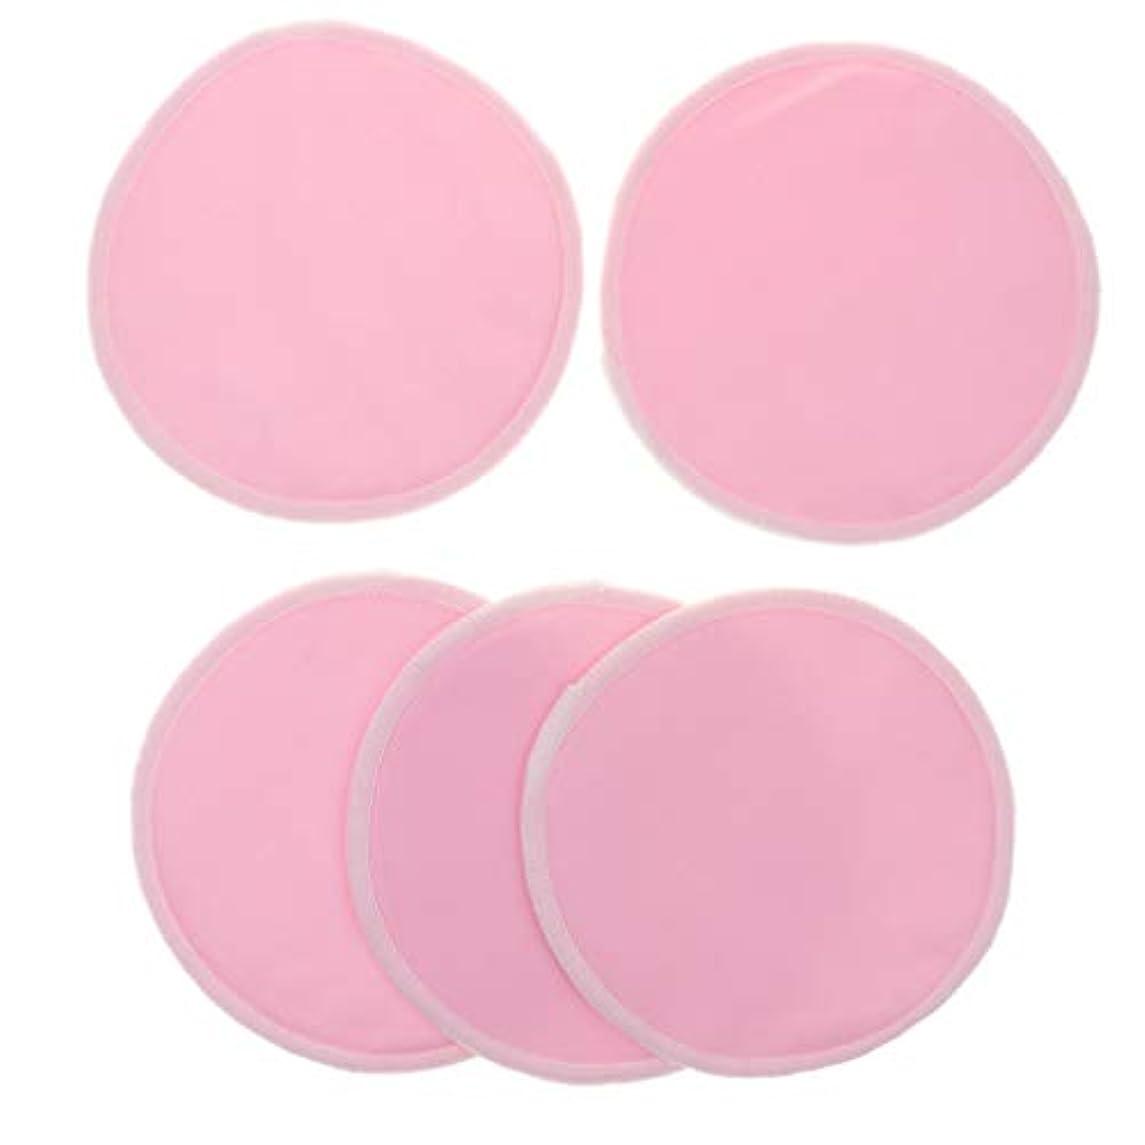 ヶ月目地獄無知12cm 胸パッド クレンジングシート 化粧水パッド 竹繊維 円形 洗える 通気性 5個 全5色 - ピンク